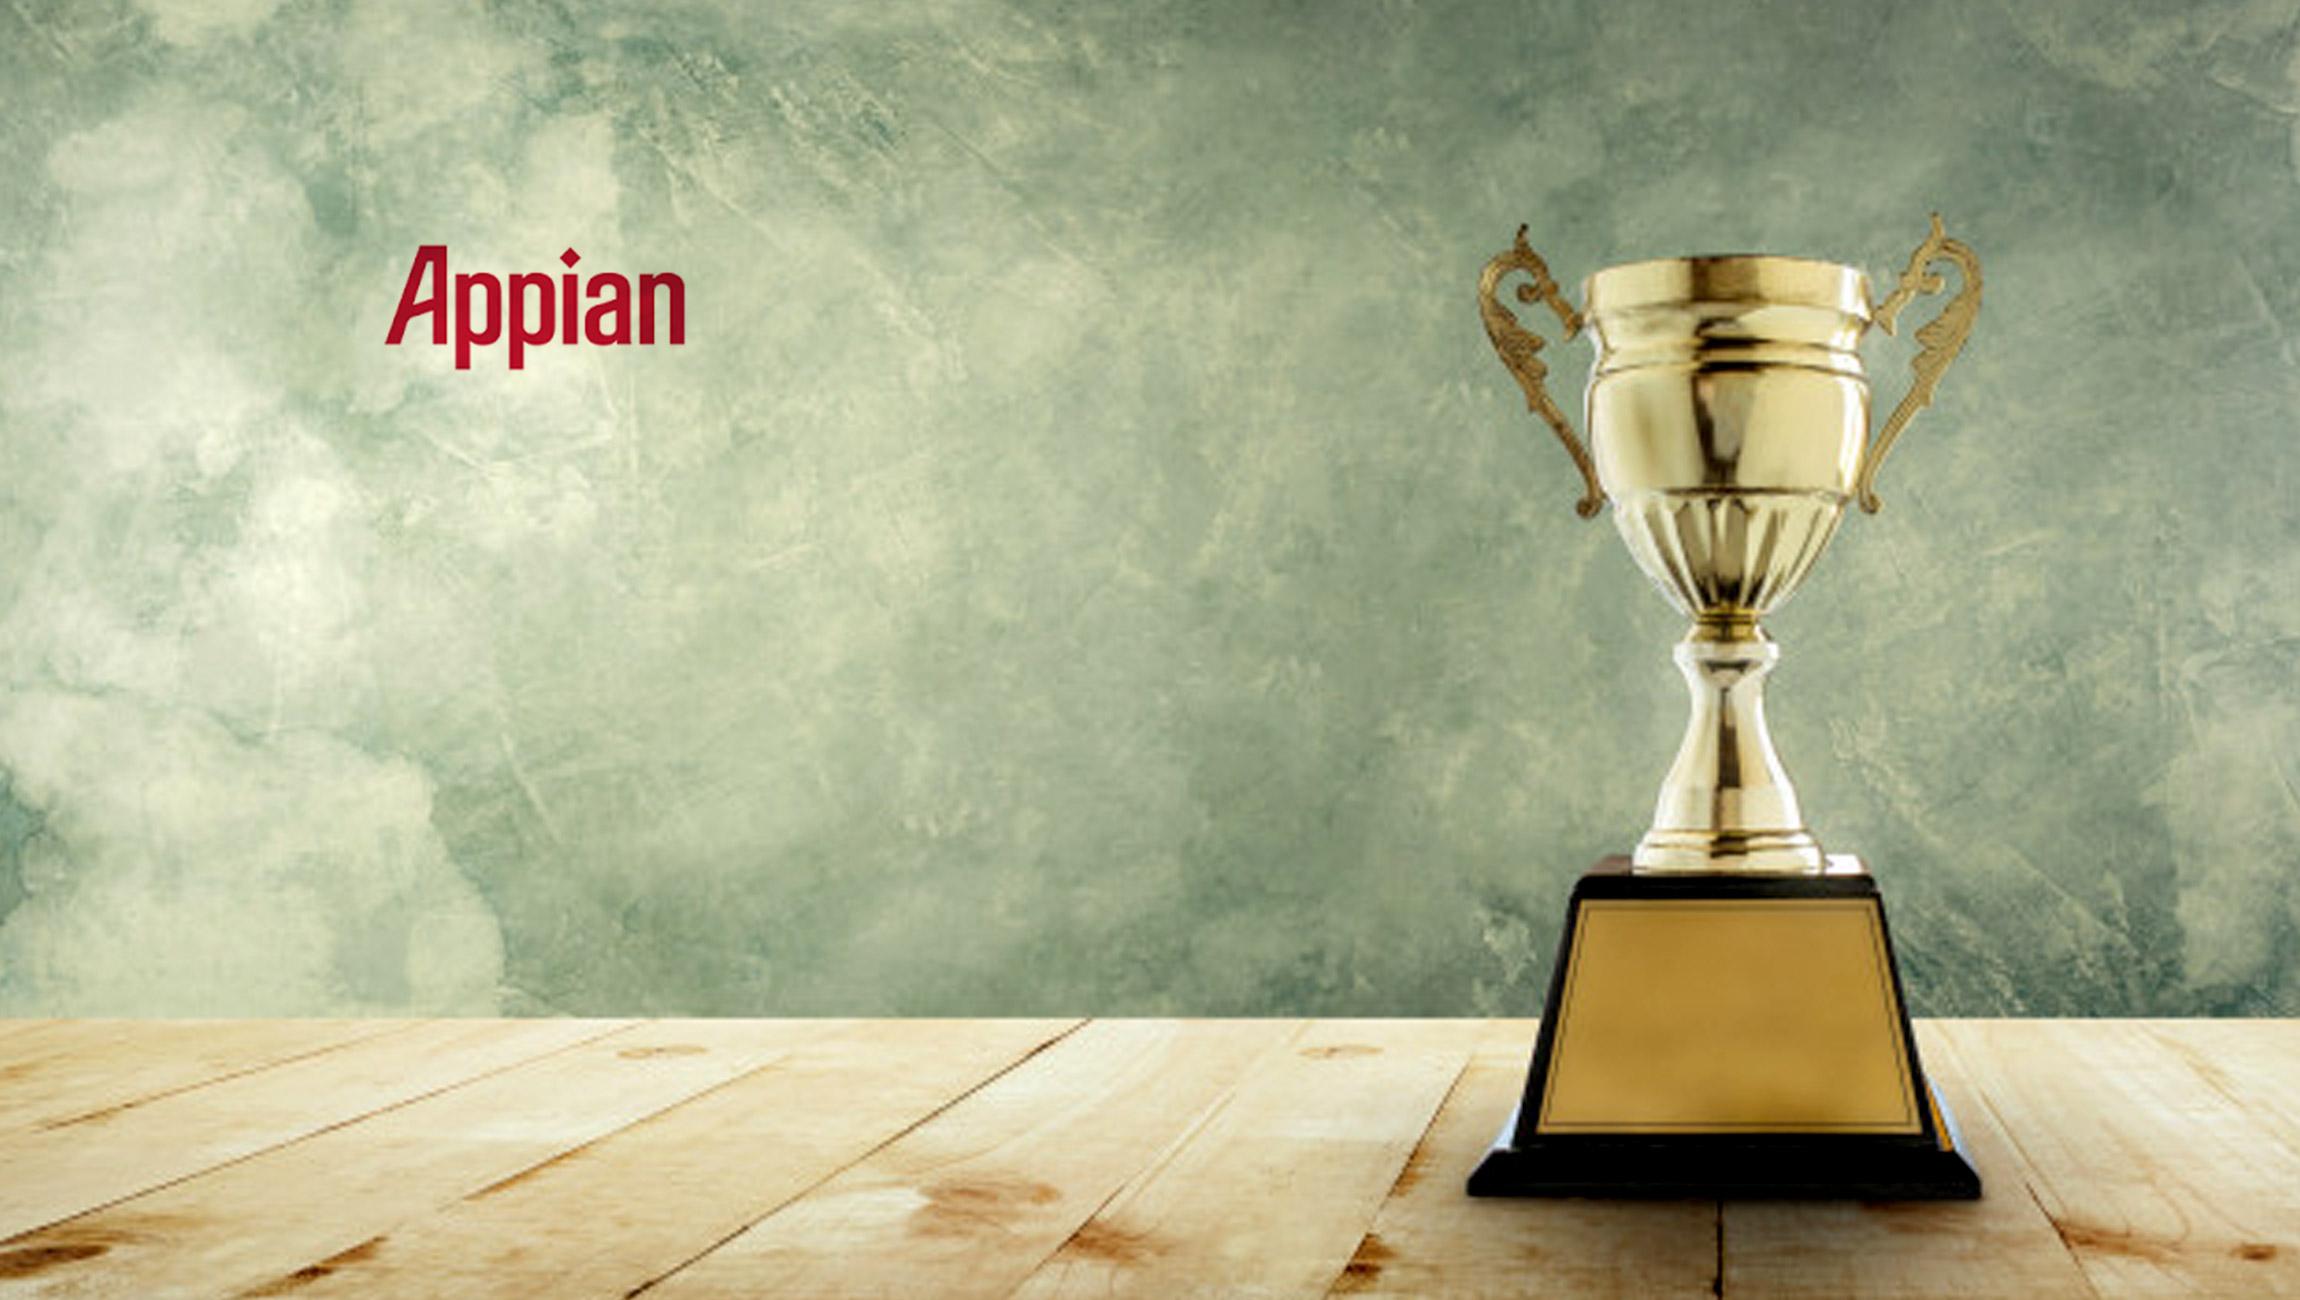 Appian Announces 2019 Partner Award Winners